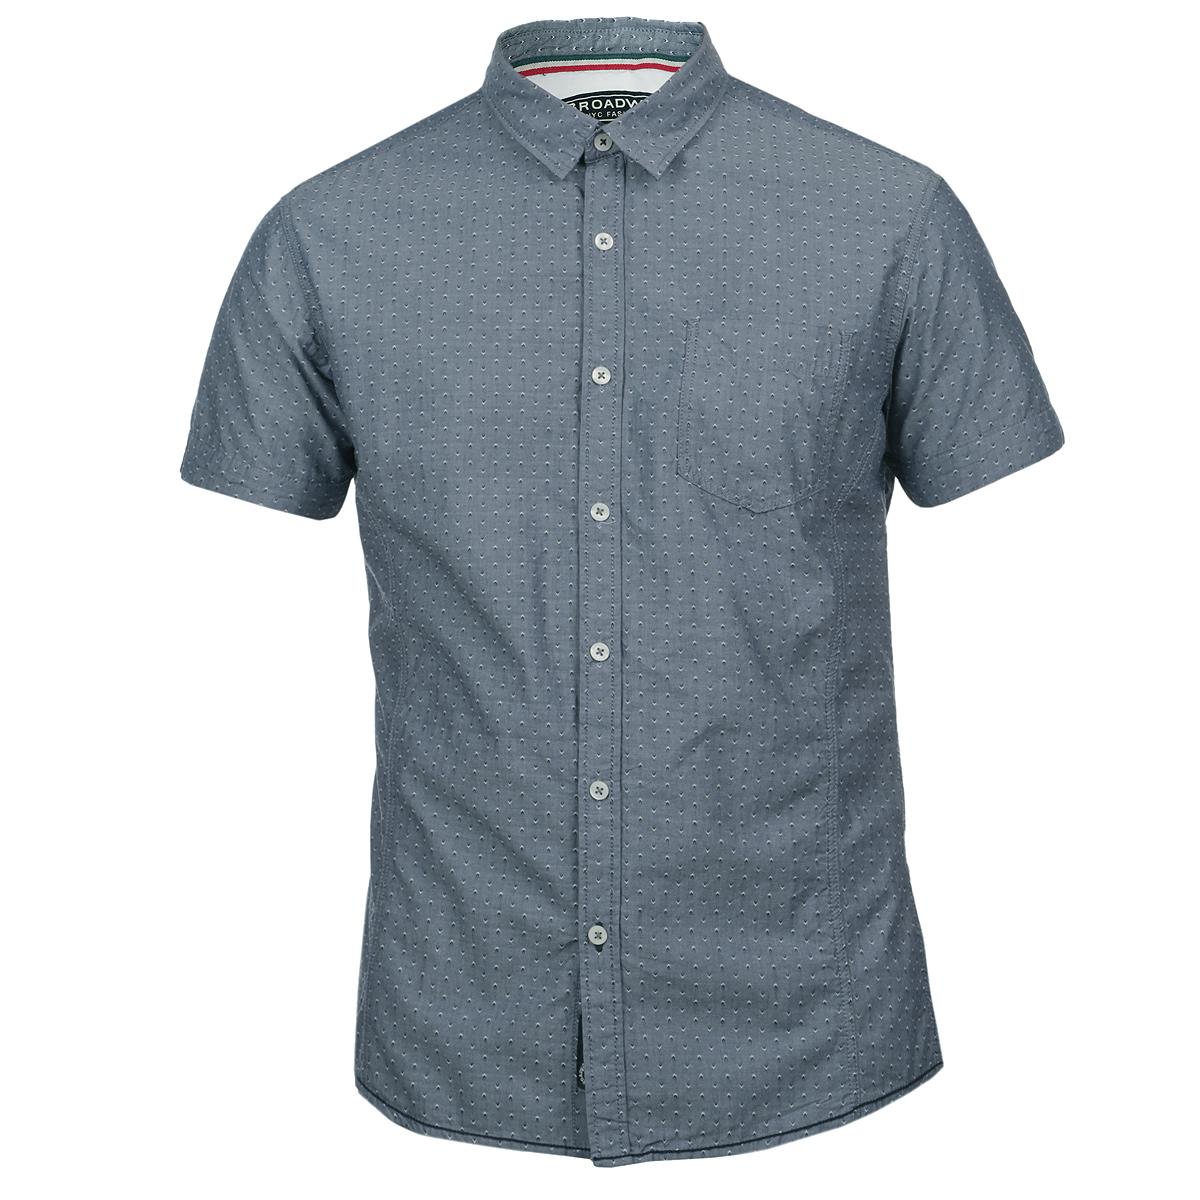 10152308 51EОтличная мужская рубашка Broadway, выполненная из хлопка, обладает высокой теплопроводностью, воздухопроницаемостью и гигроскопичностью, позволяет коже дышать, тем самым обеспечивая наибольший комфорт при носке даже самым жарким летом. Рубашка приталенного кроя с короткими рукавами, полукруглым низом, отложным воротником застегивается на пуговицы. Рубашка дополнена на груди накладным карманом. Рукава декорированы контрастными отворотами. Такая рубашка будет дарить вам комфорт в течение всего дня и послужит замечательным дополнением к вашему летнему гардеробу.